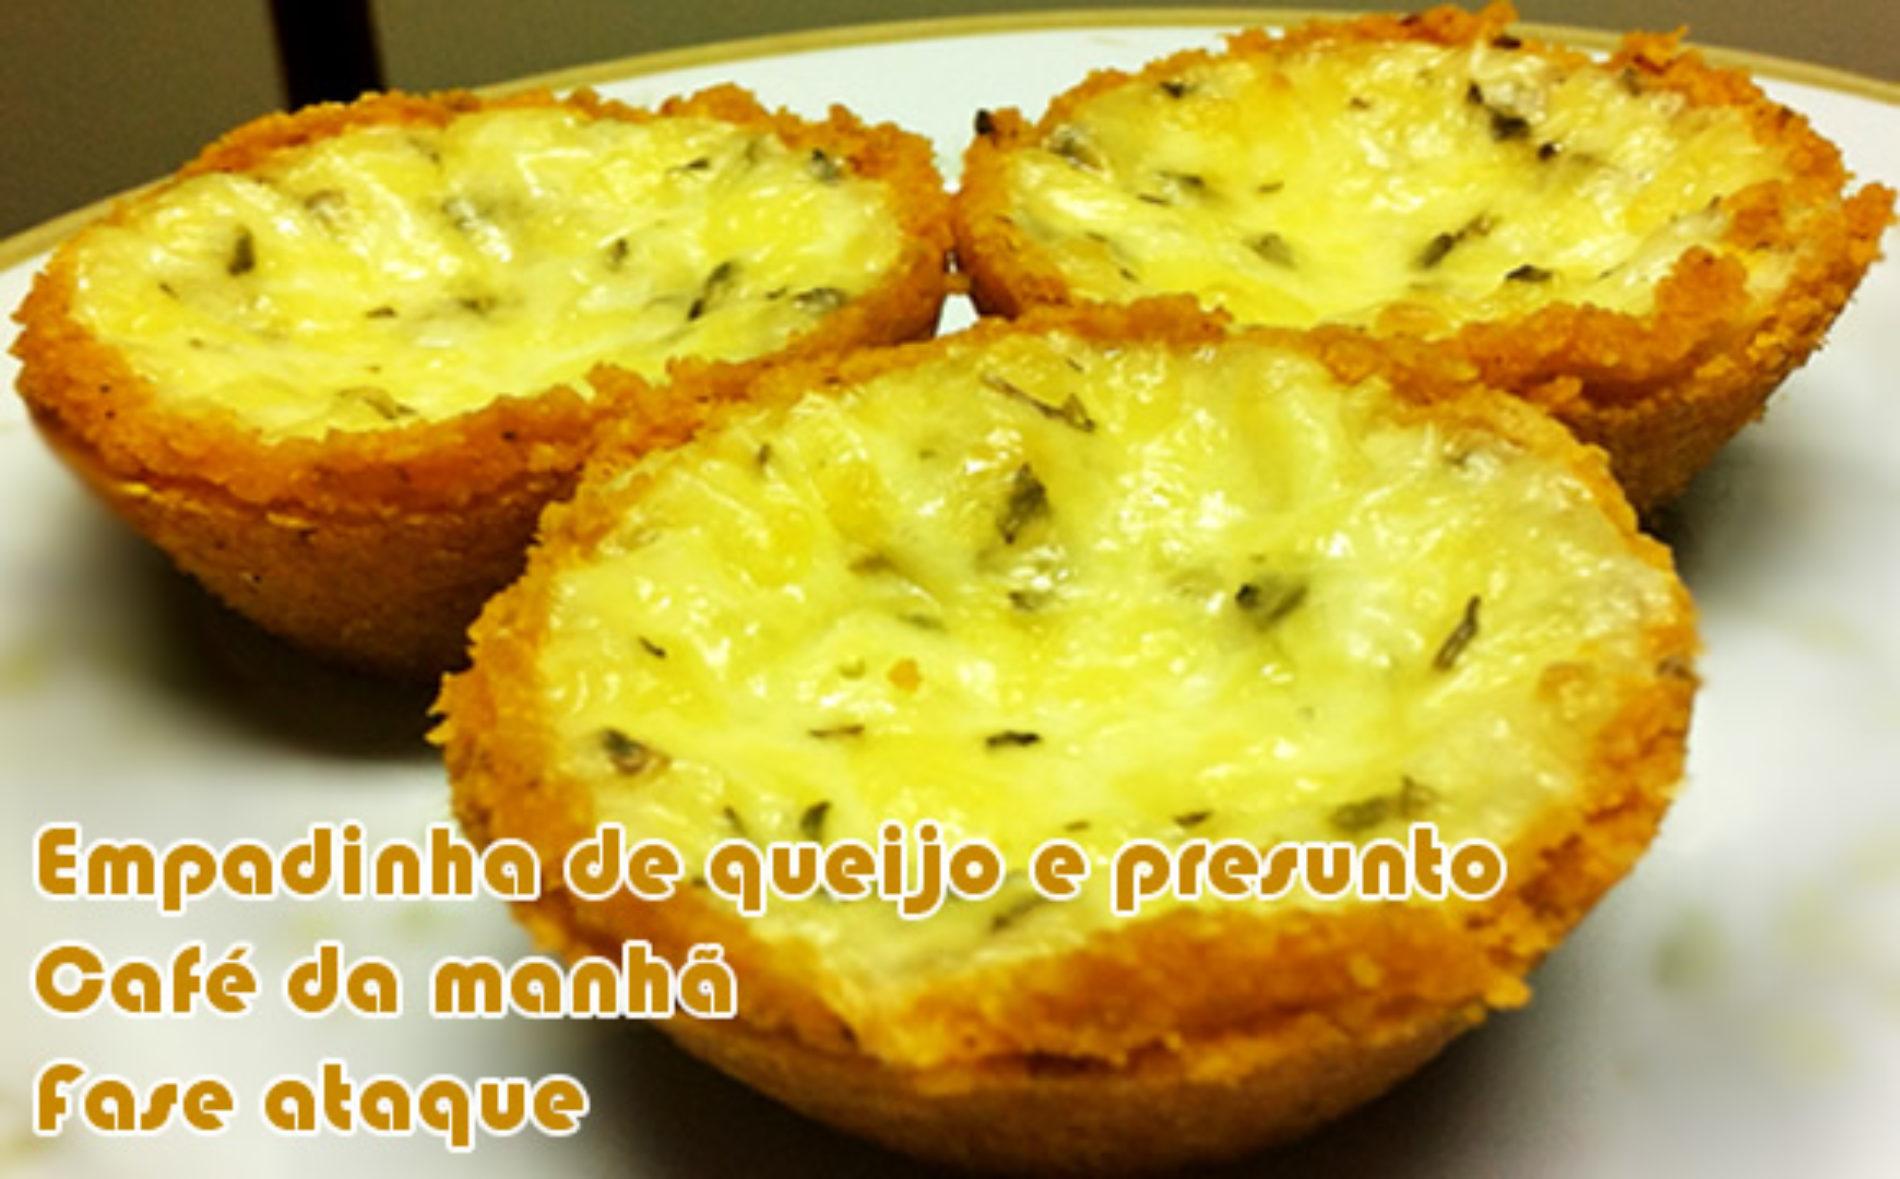 Empadinha dukan de queijo e presunto